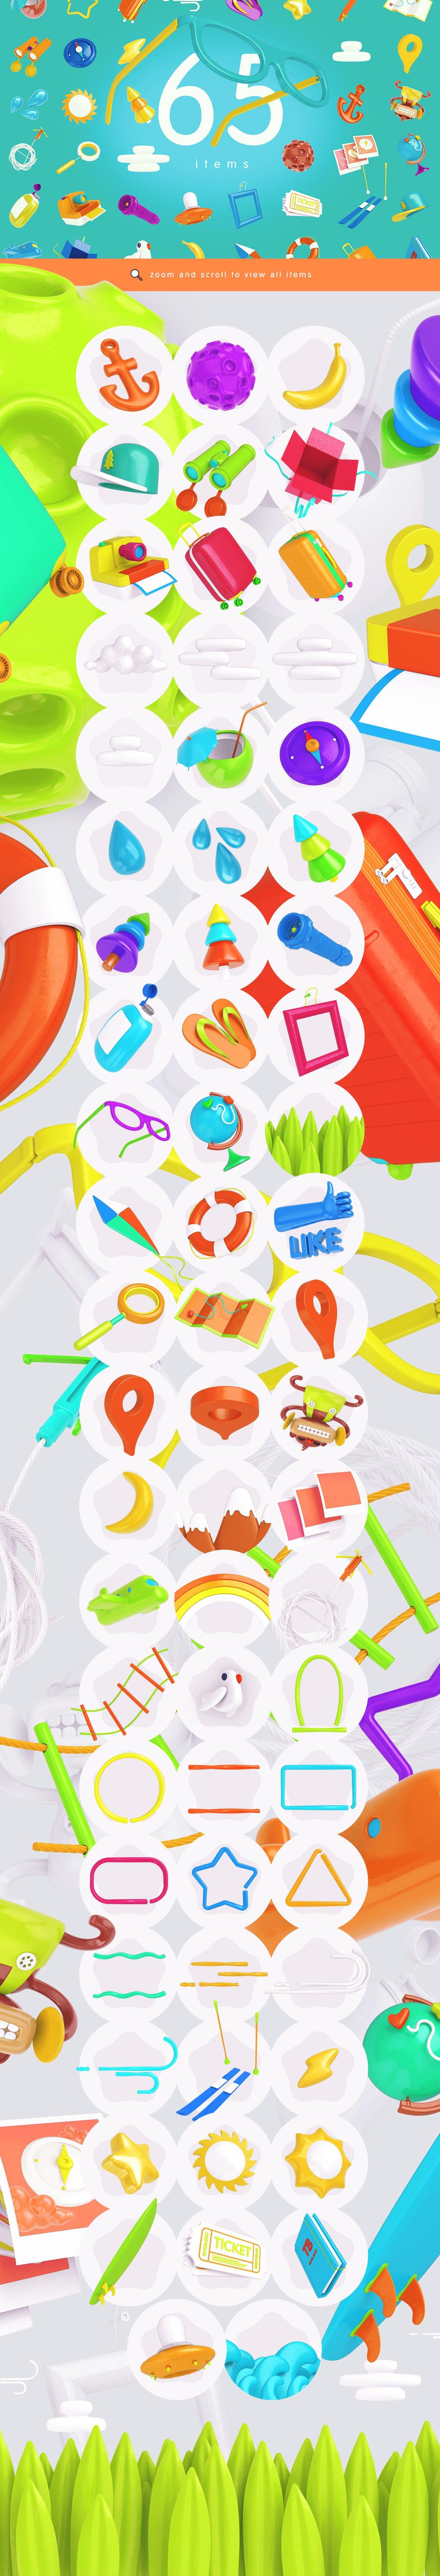 趣味卡通3D立体旅行主题场景元素海报设计智能贴图PSD样机素材 Bright Travel Items Scene Generator插图(3)